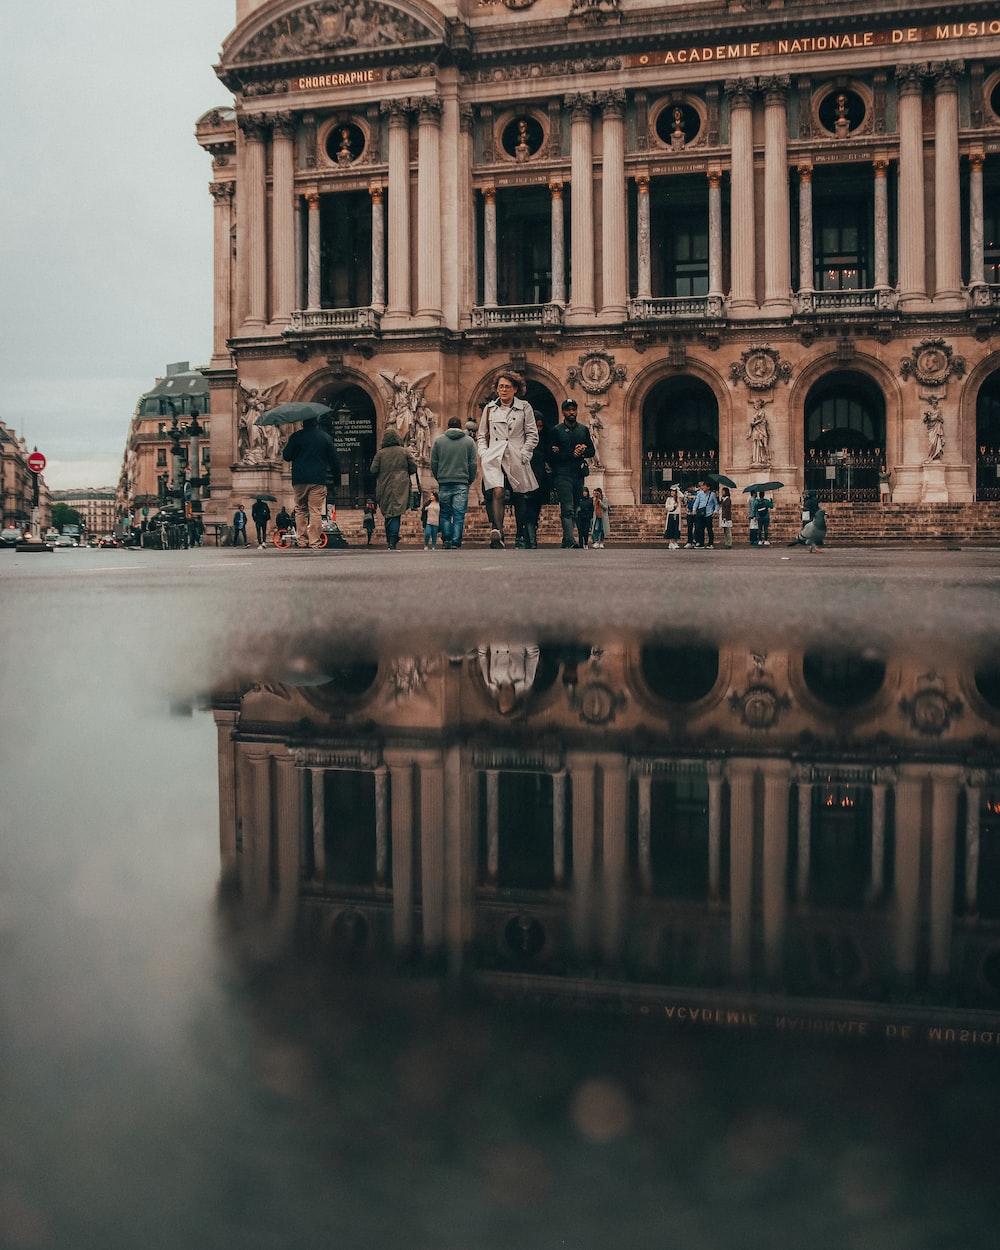 people walking near Palais Garnier Opera house in Paris, France during daytime